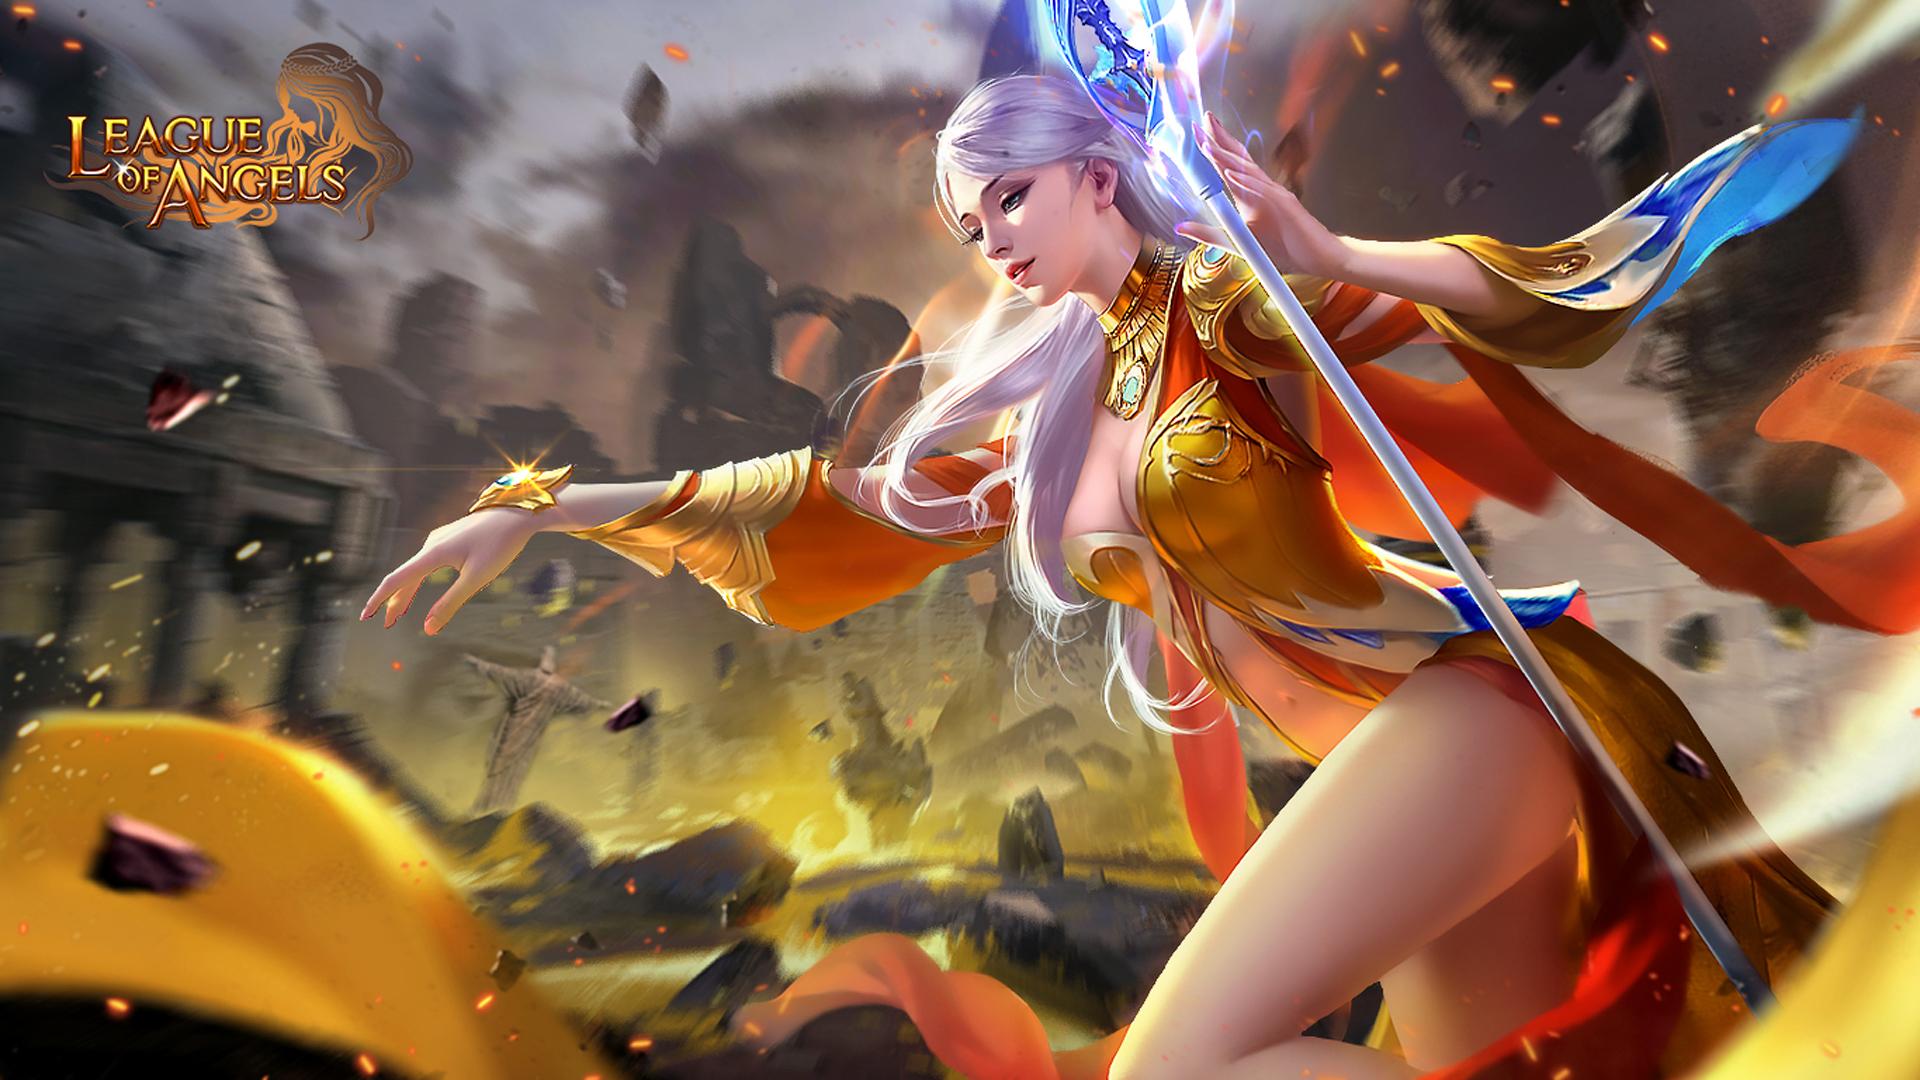 Elianna Beautiful Girl Magic Wand Skin Art League Of - League Of Legends Skin Girl , HD Wallpaper & Backgrounds